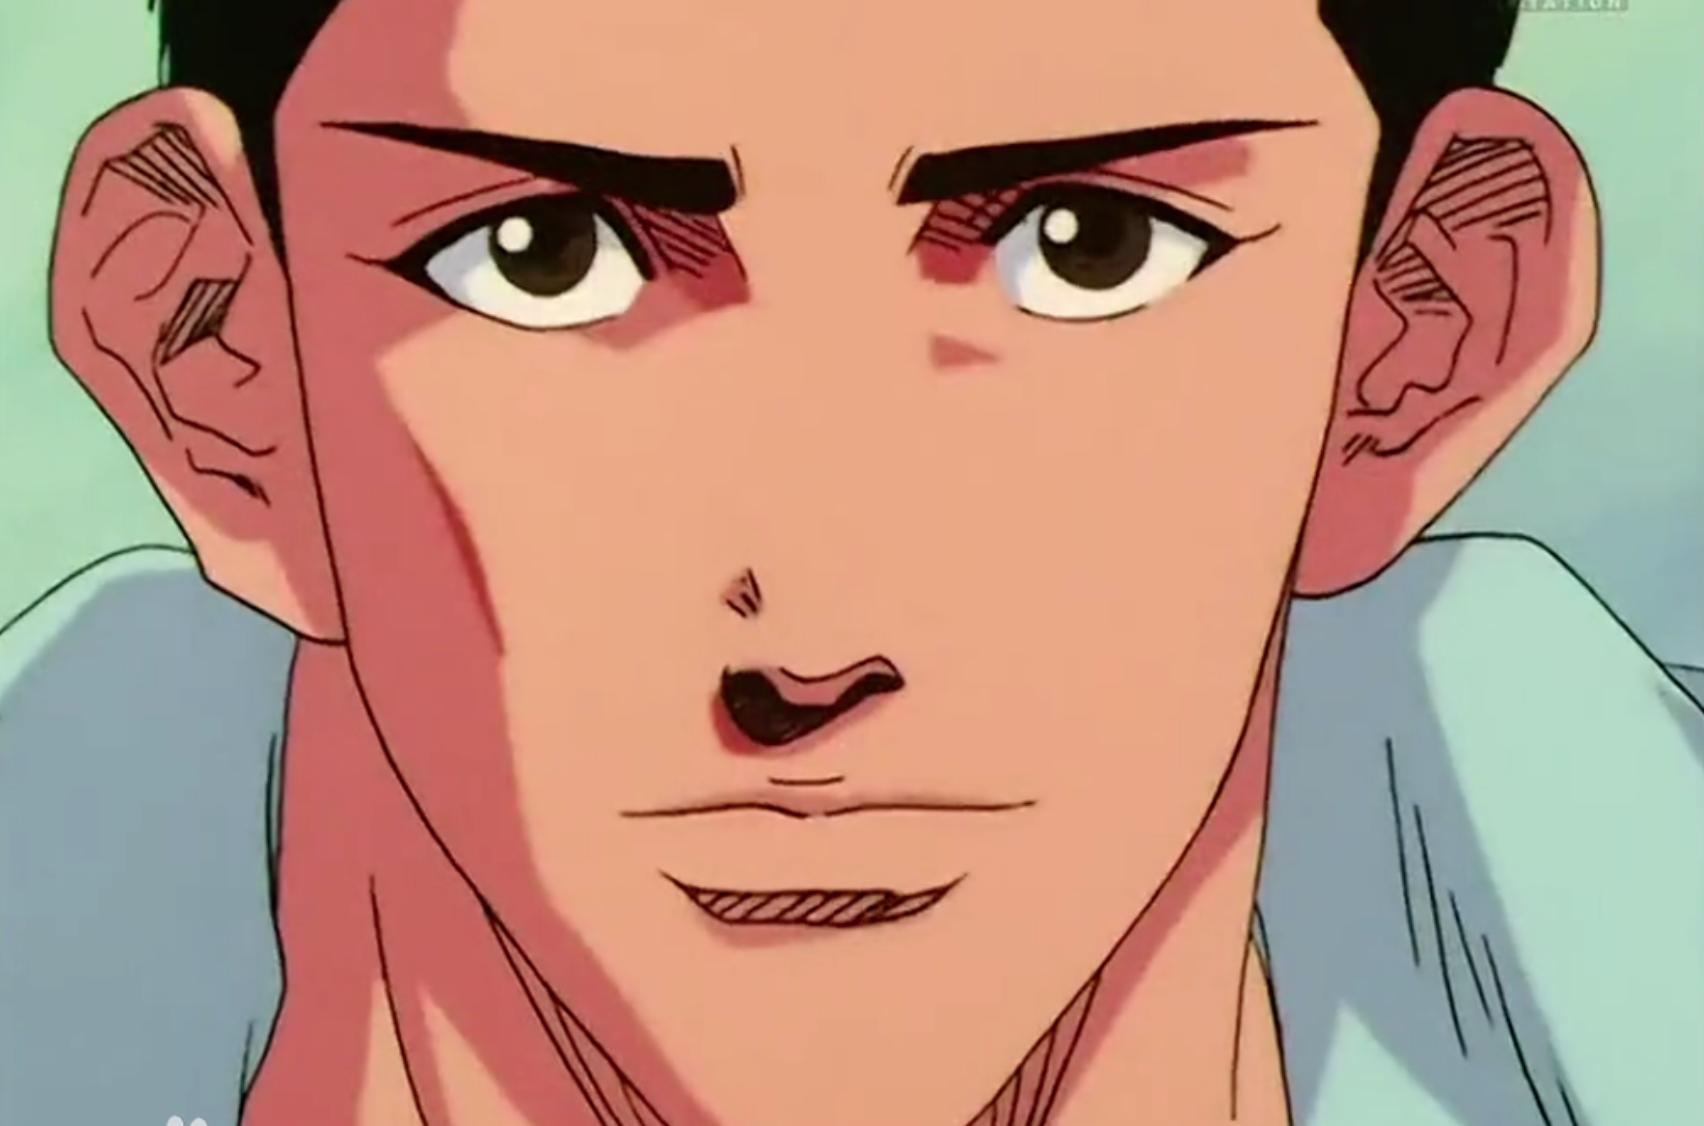 灌篮高手中,入选最佳阵容的神宗一郎比三井寿强吗?